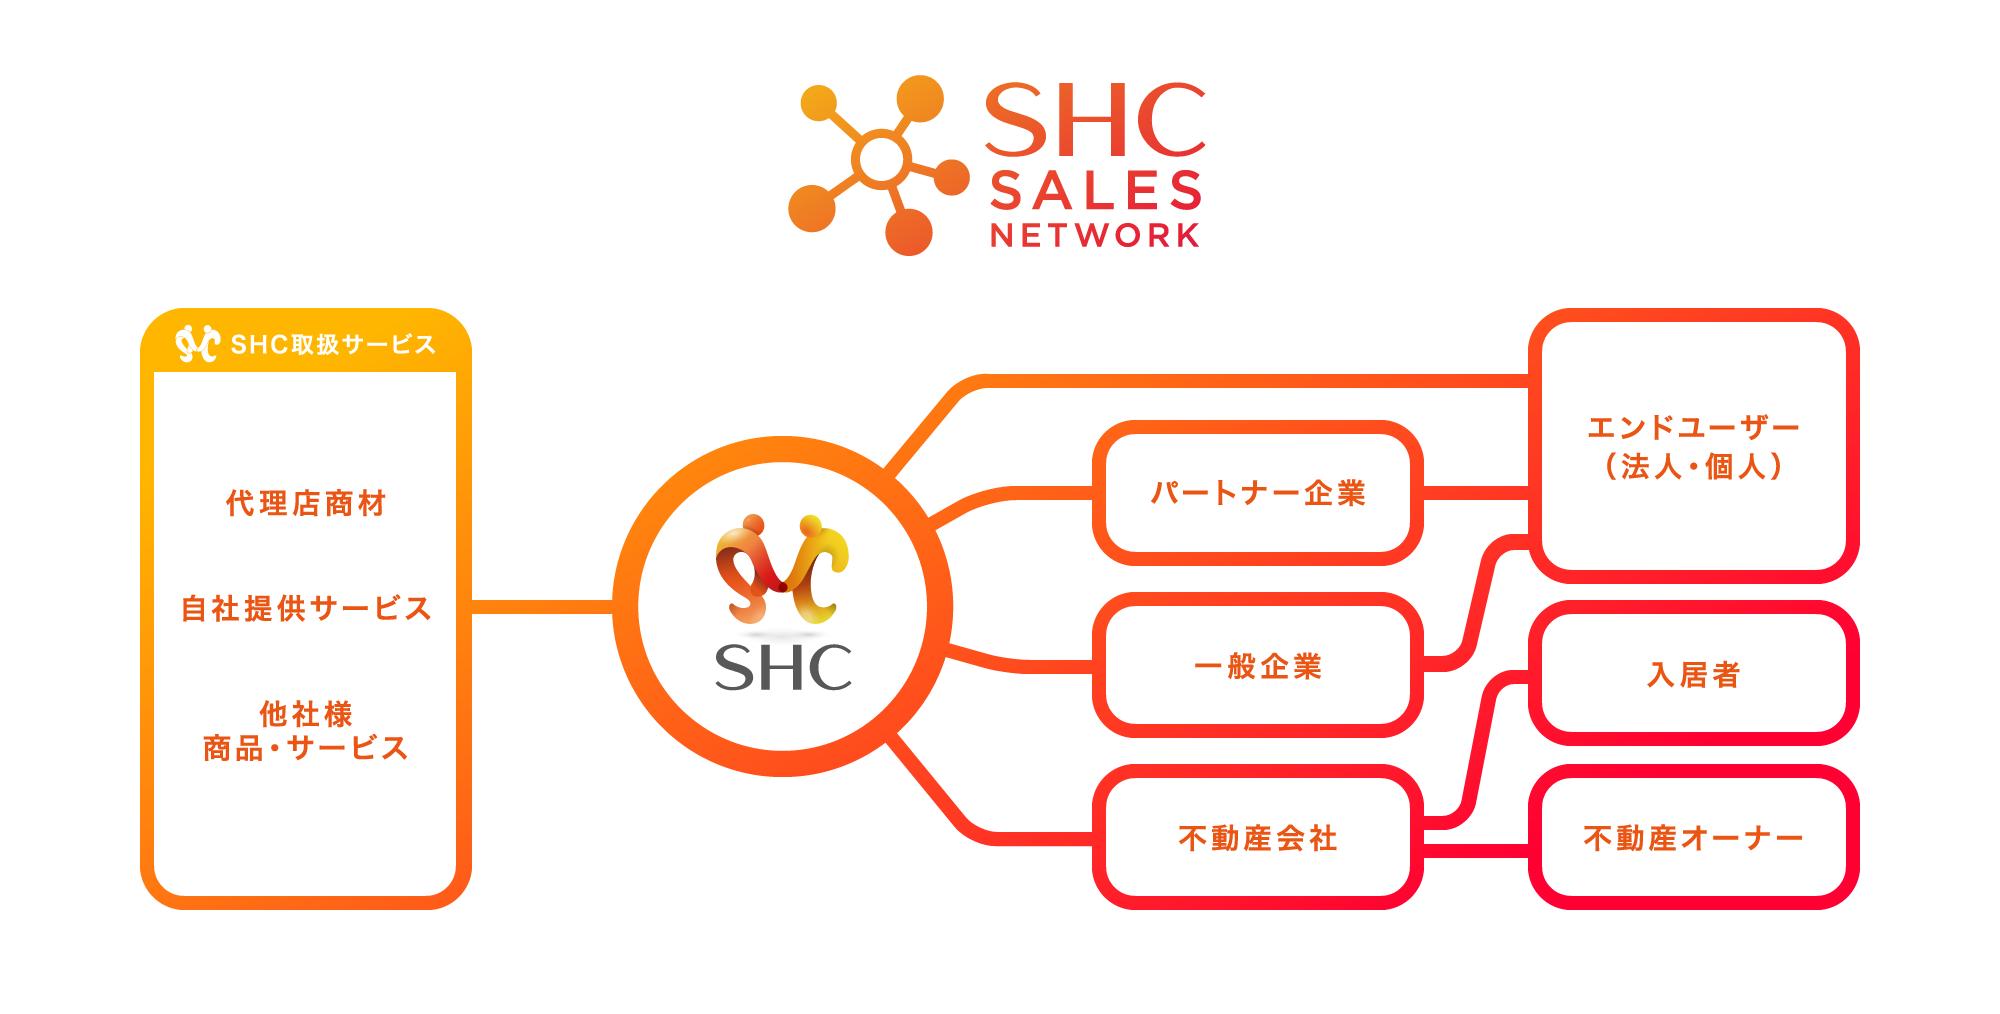 SHCセールスネットワークの全体像